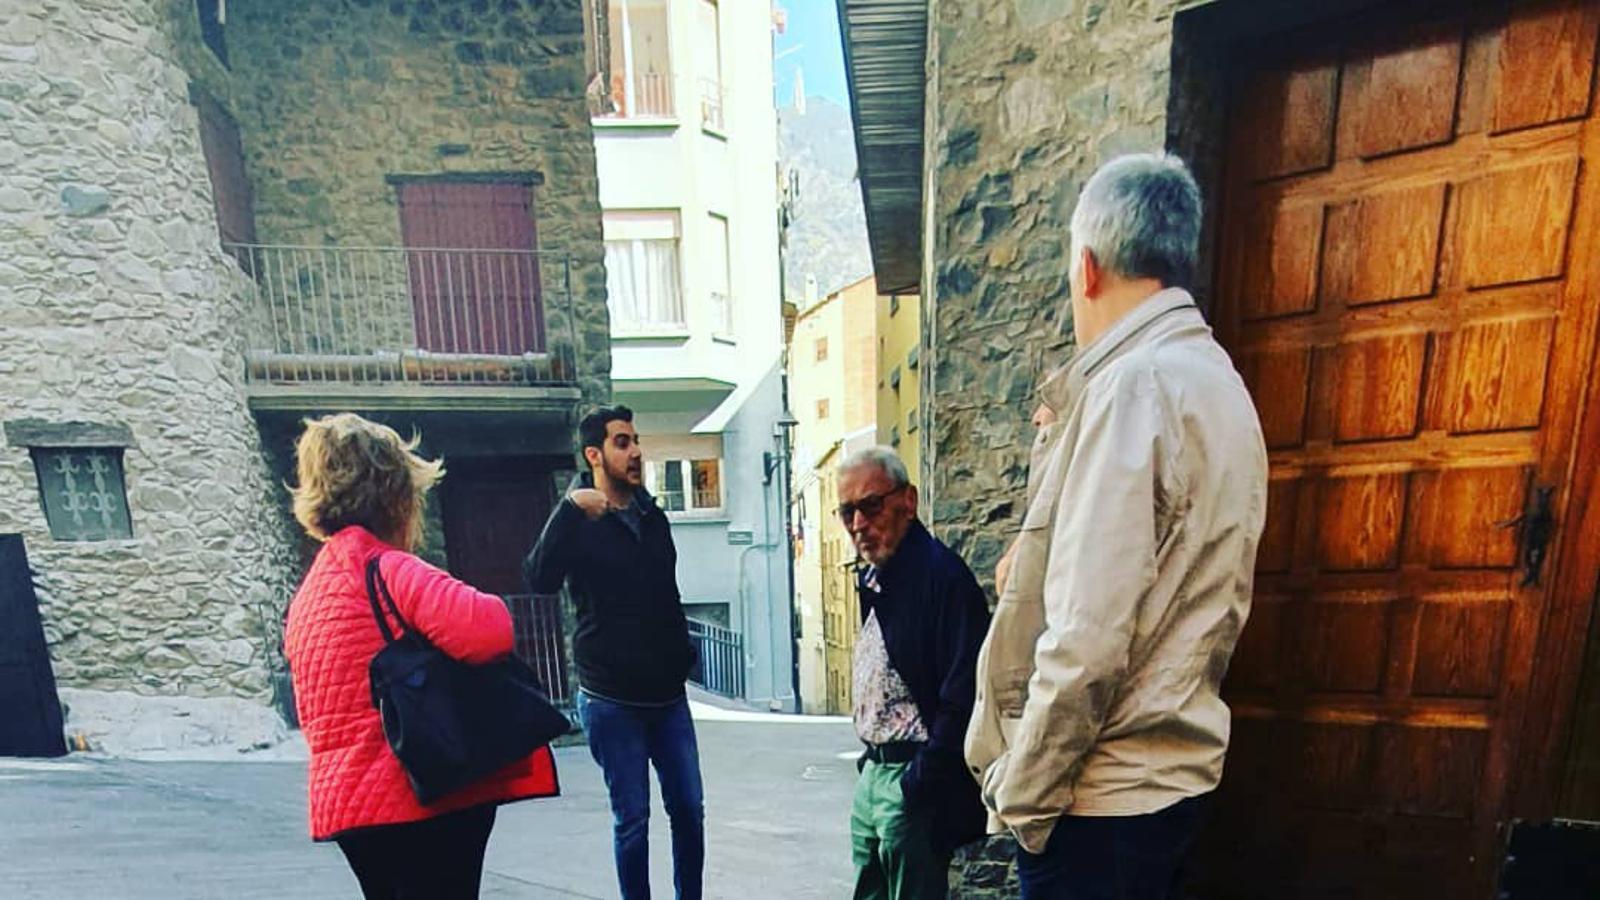 El PS visita els veïns del barri del Puial. / PARTIT SOCIALDEMÒCRATA